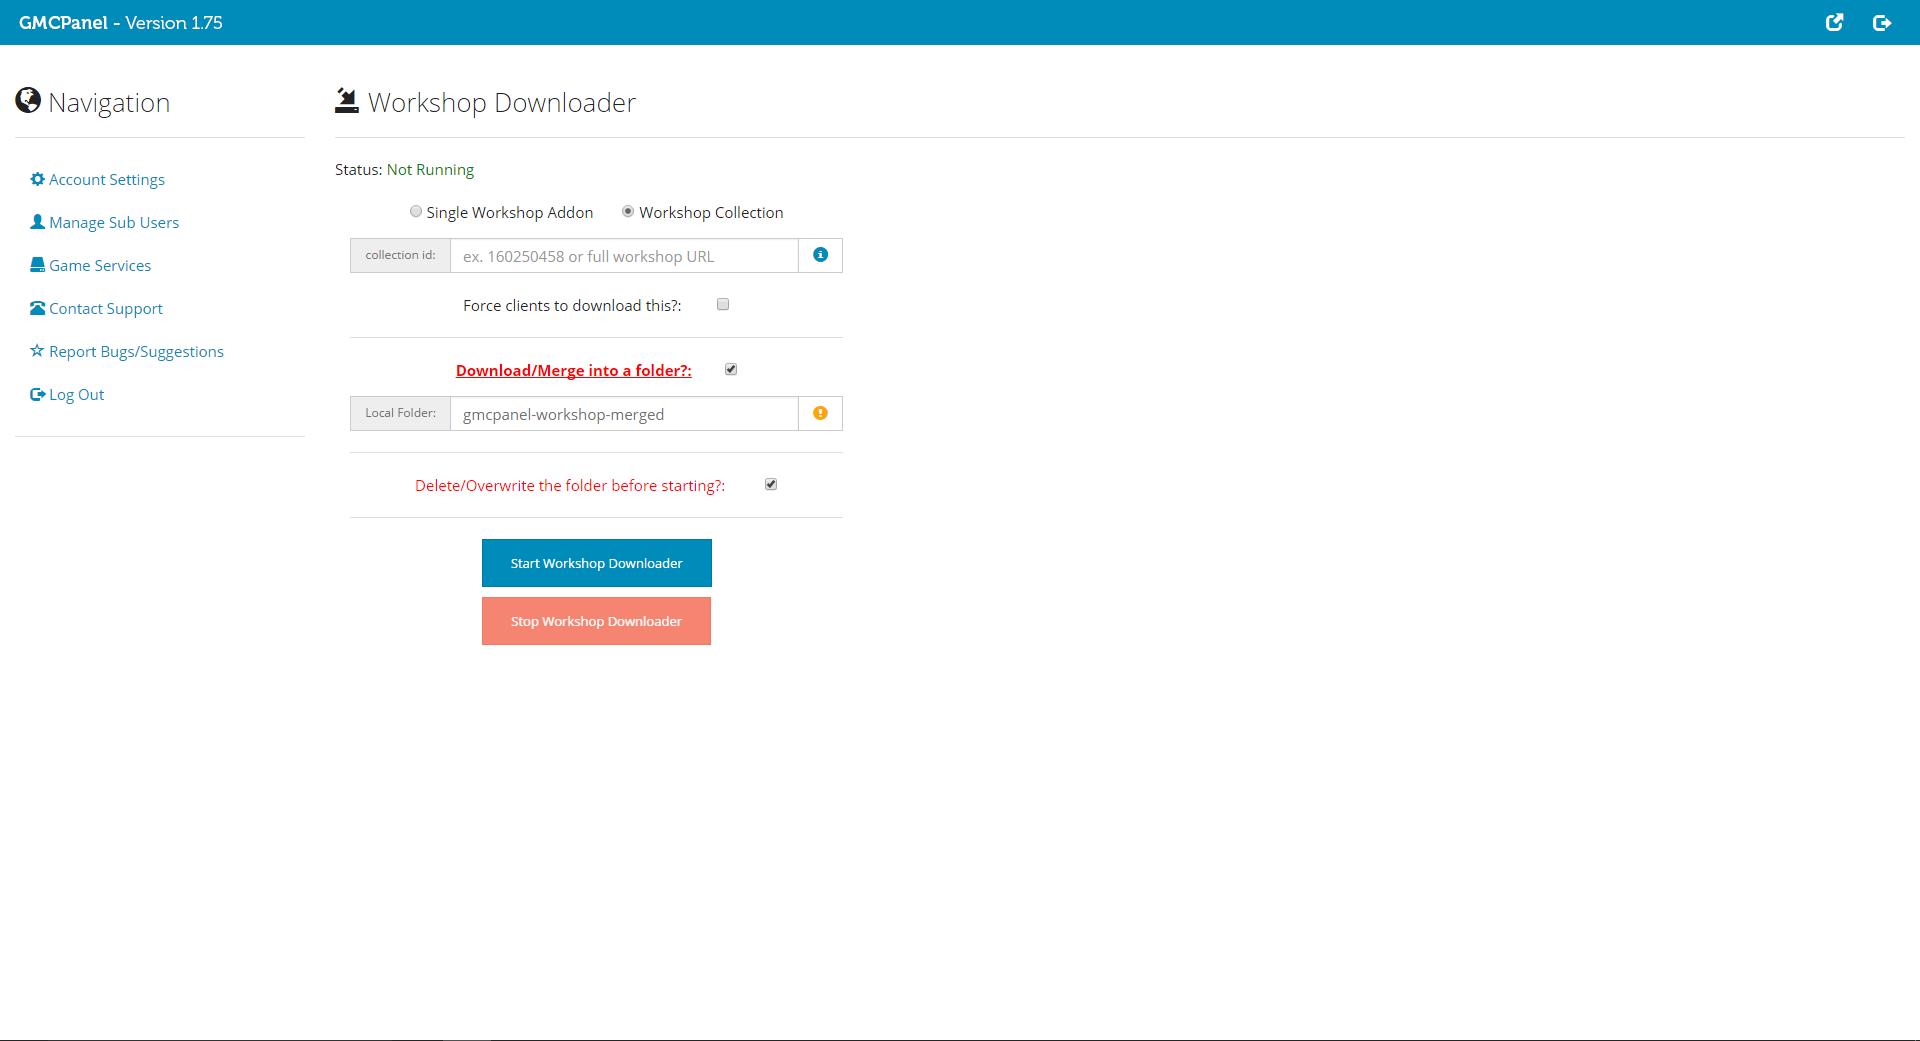 Our Custom Workshop Downloader!